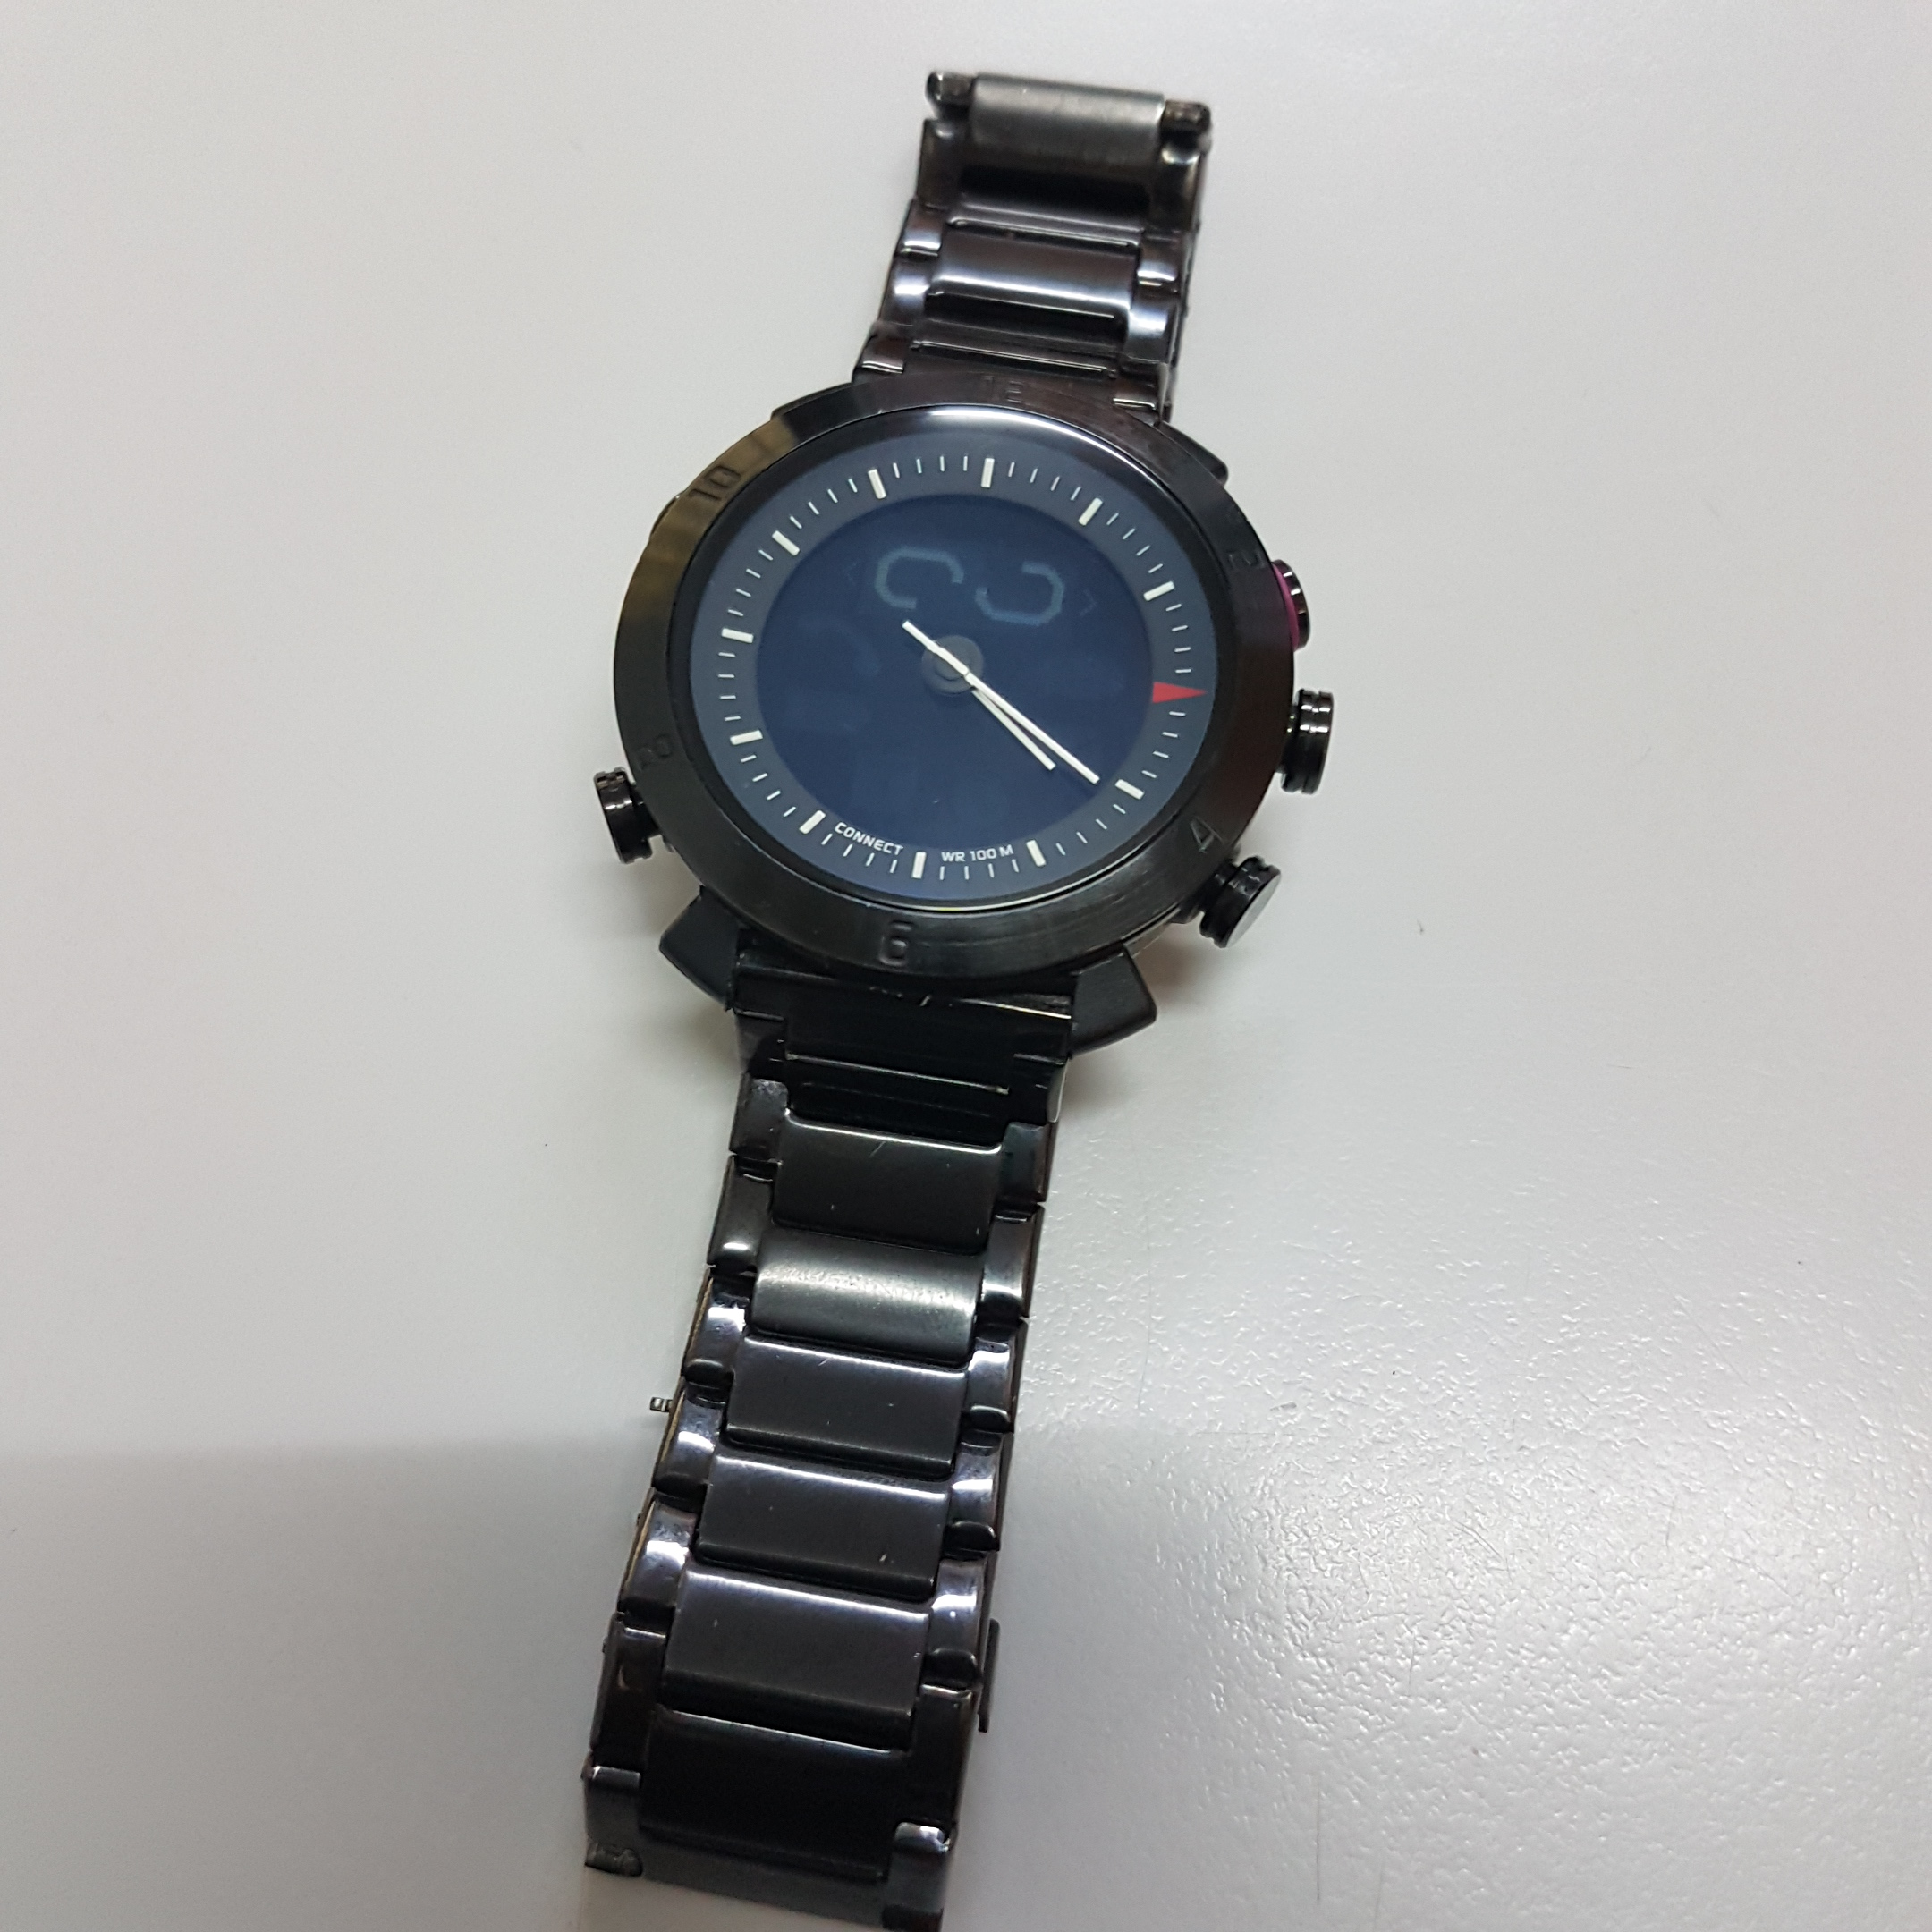 [итоги конкурса] обзор часов cogito classic: и умные, и красивые.